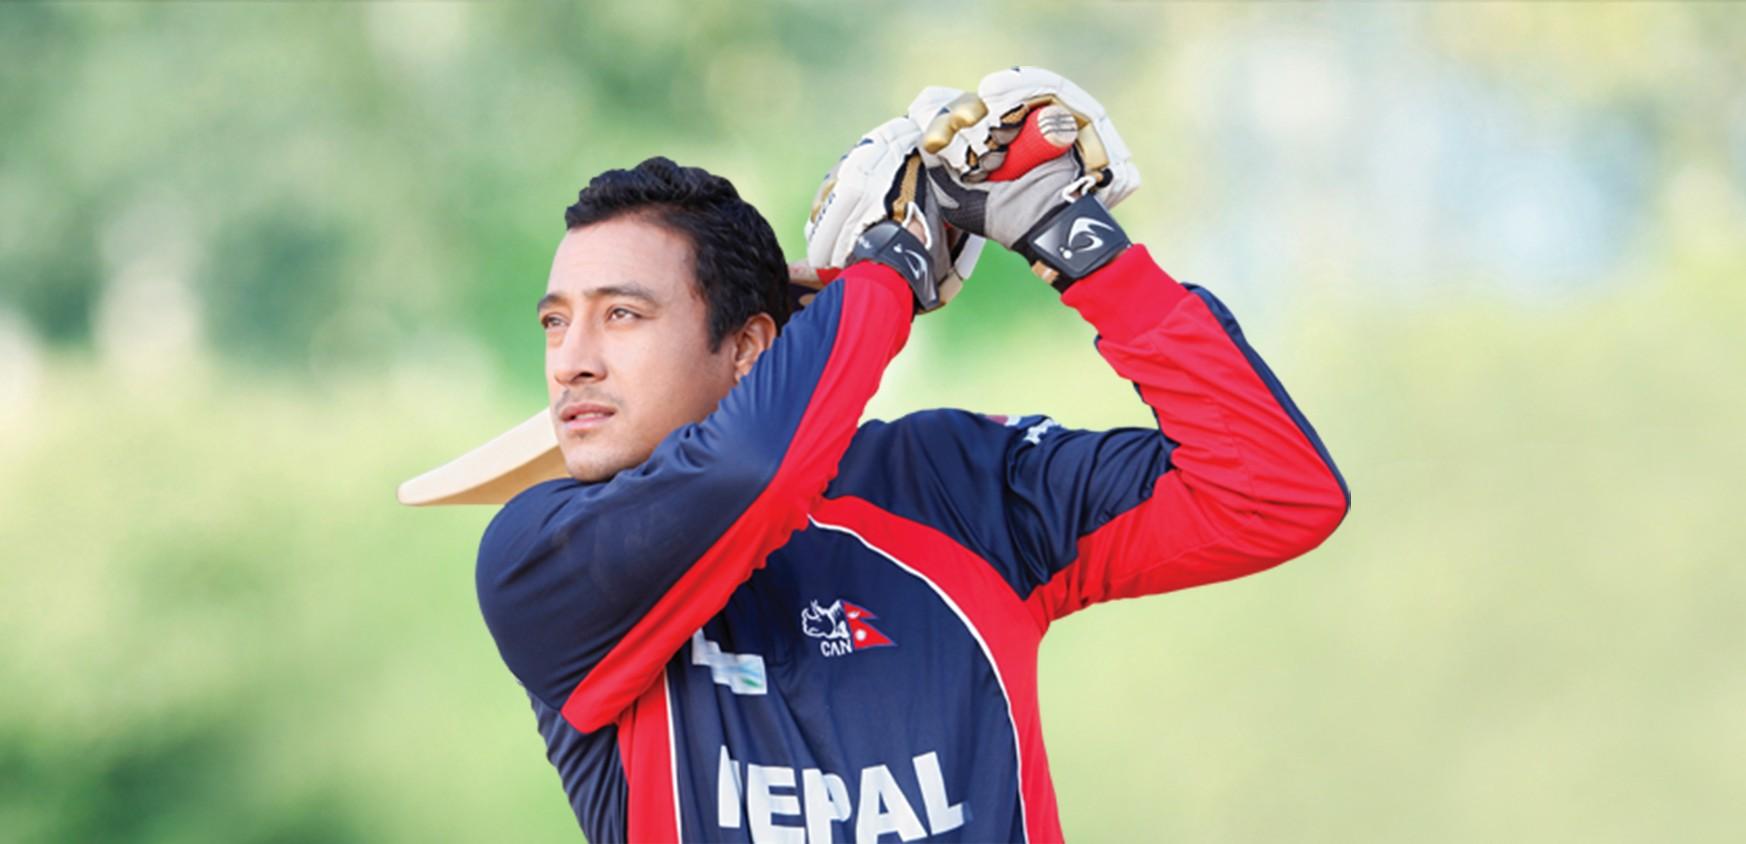 paras-khadka-cricket.jpg